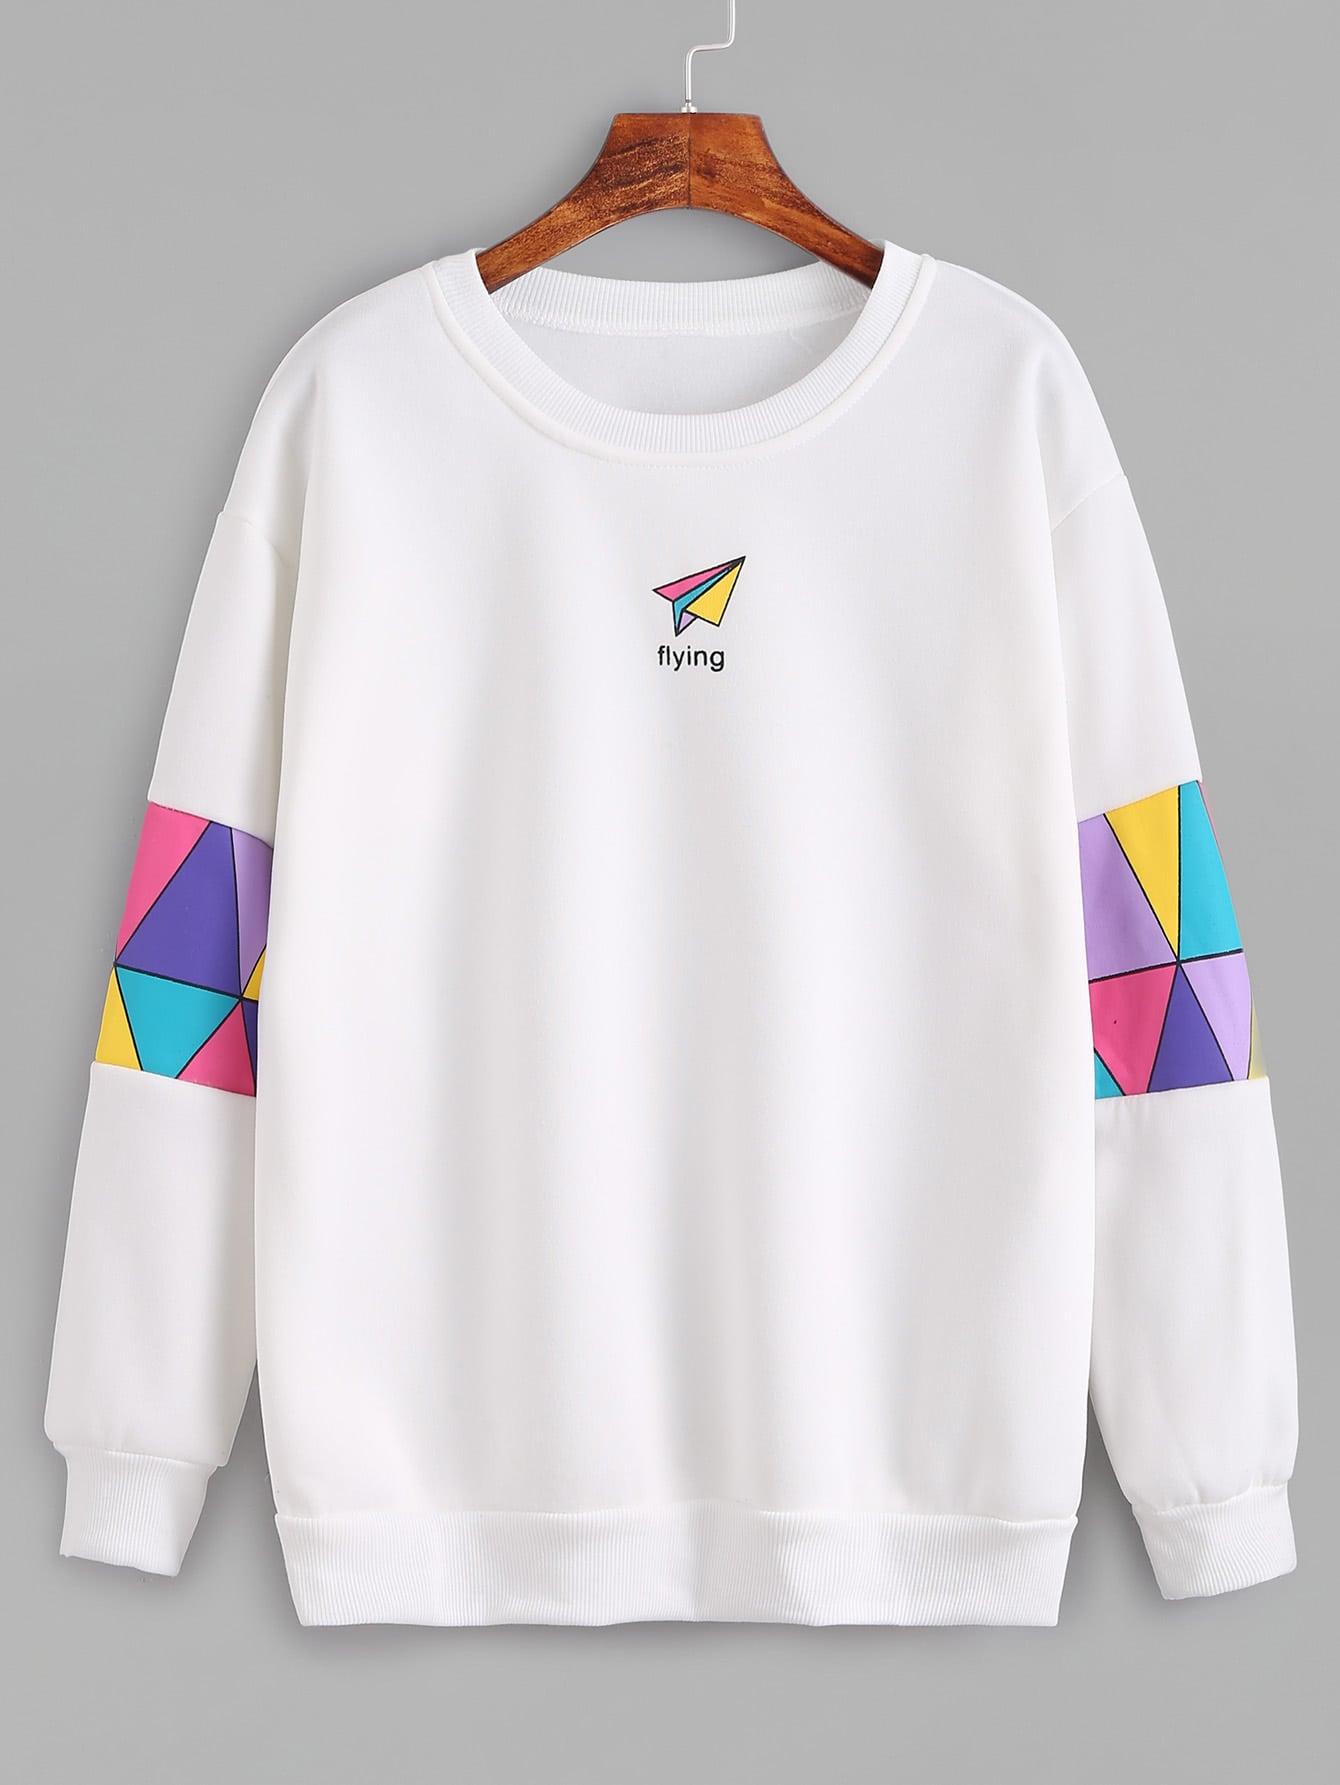 The wildest designs you've ever seen on sweatshirts, hoodies, belovesies (onesies), swimsuits, socks, hats, leggings, and more!